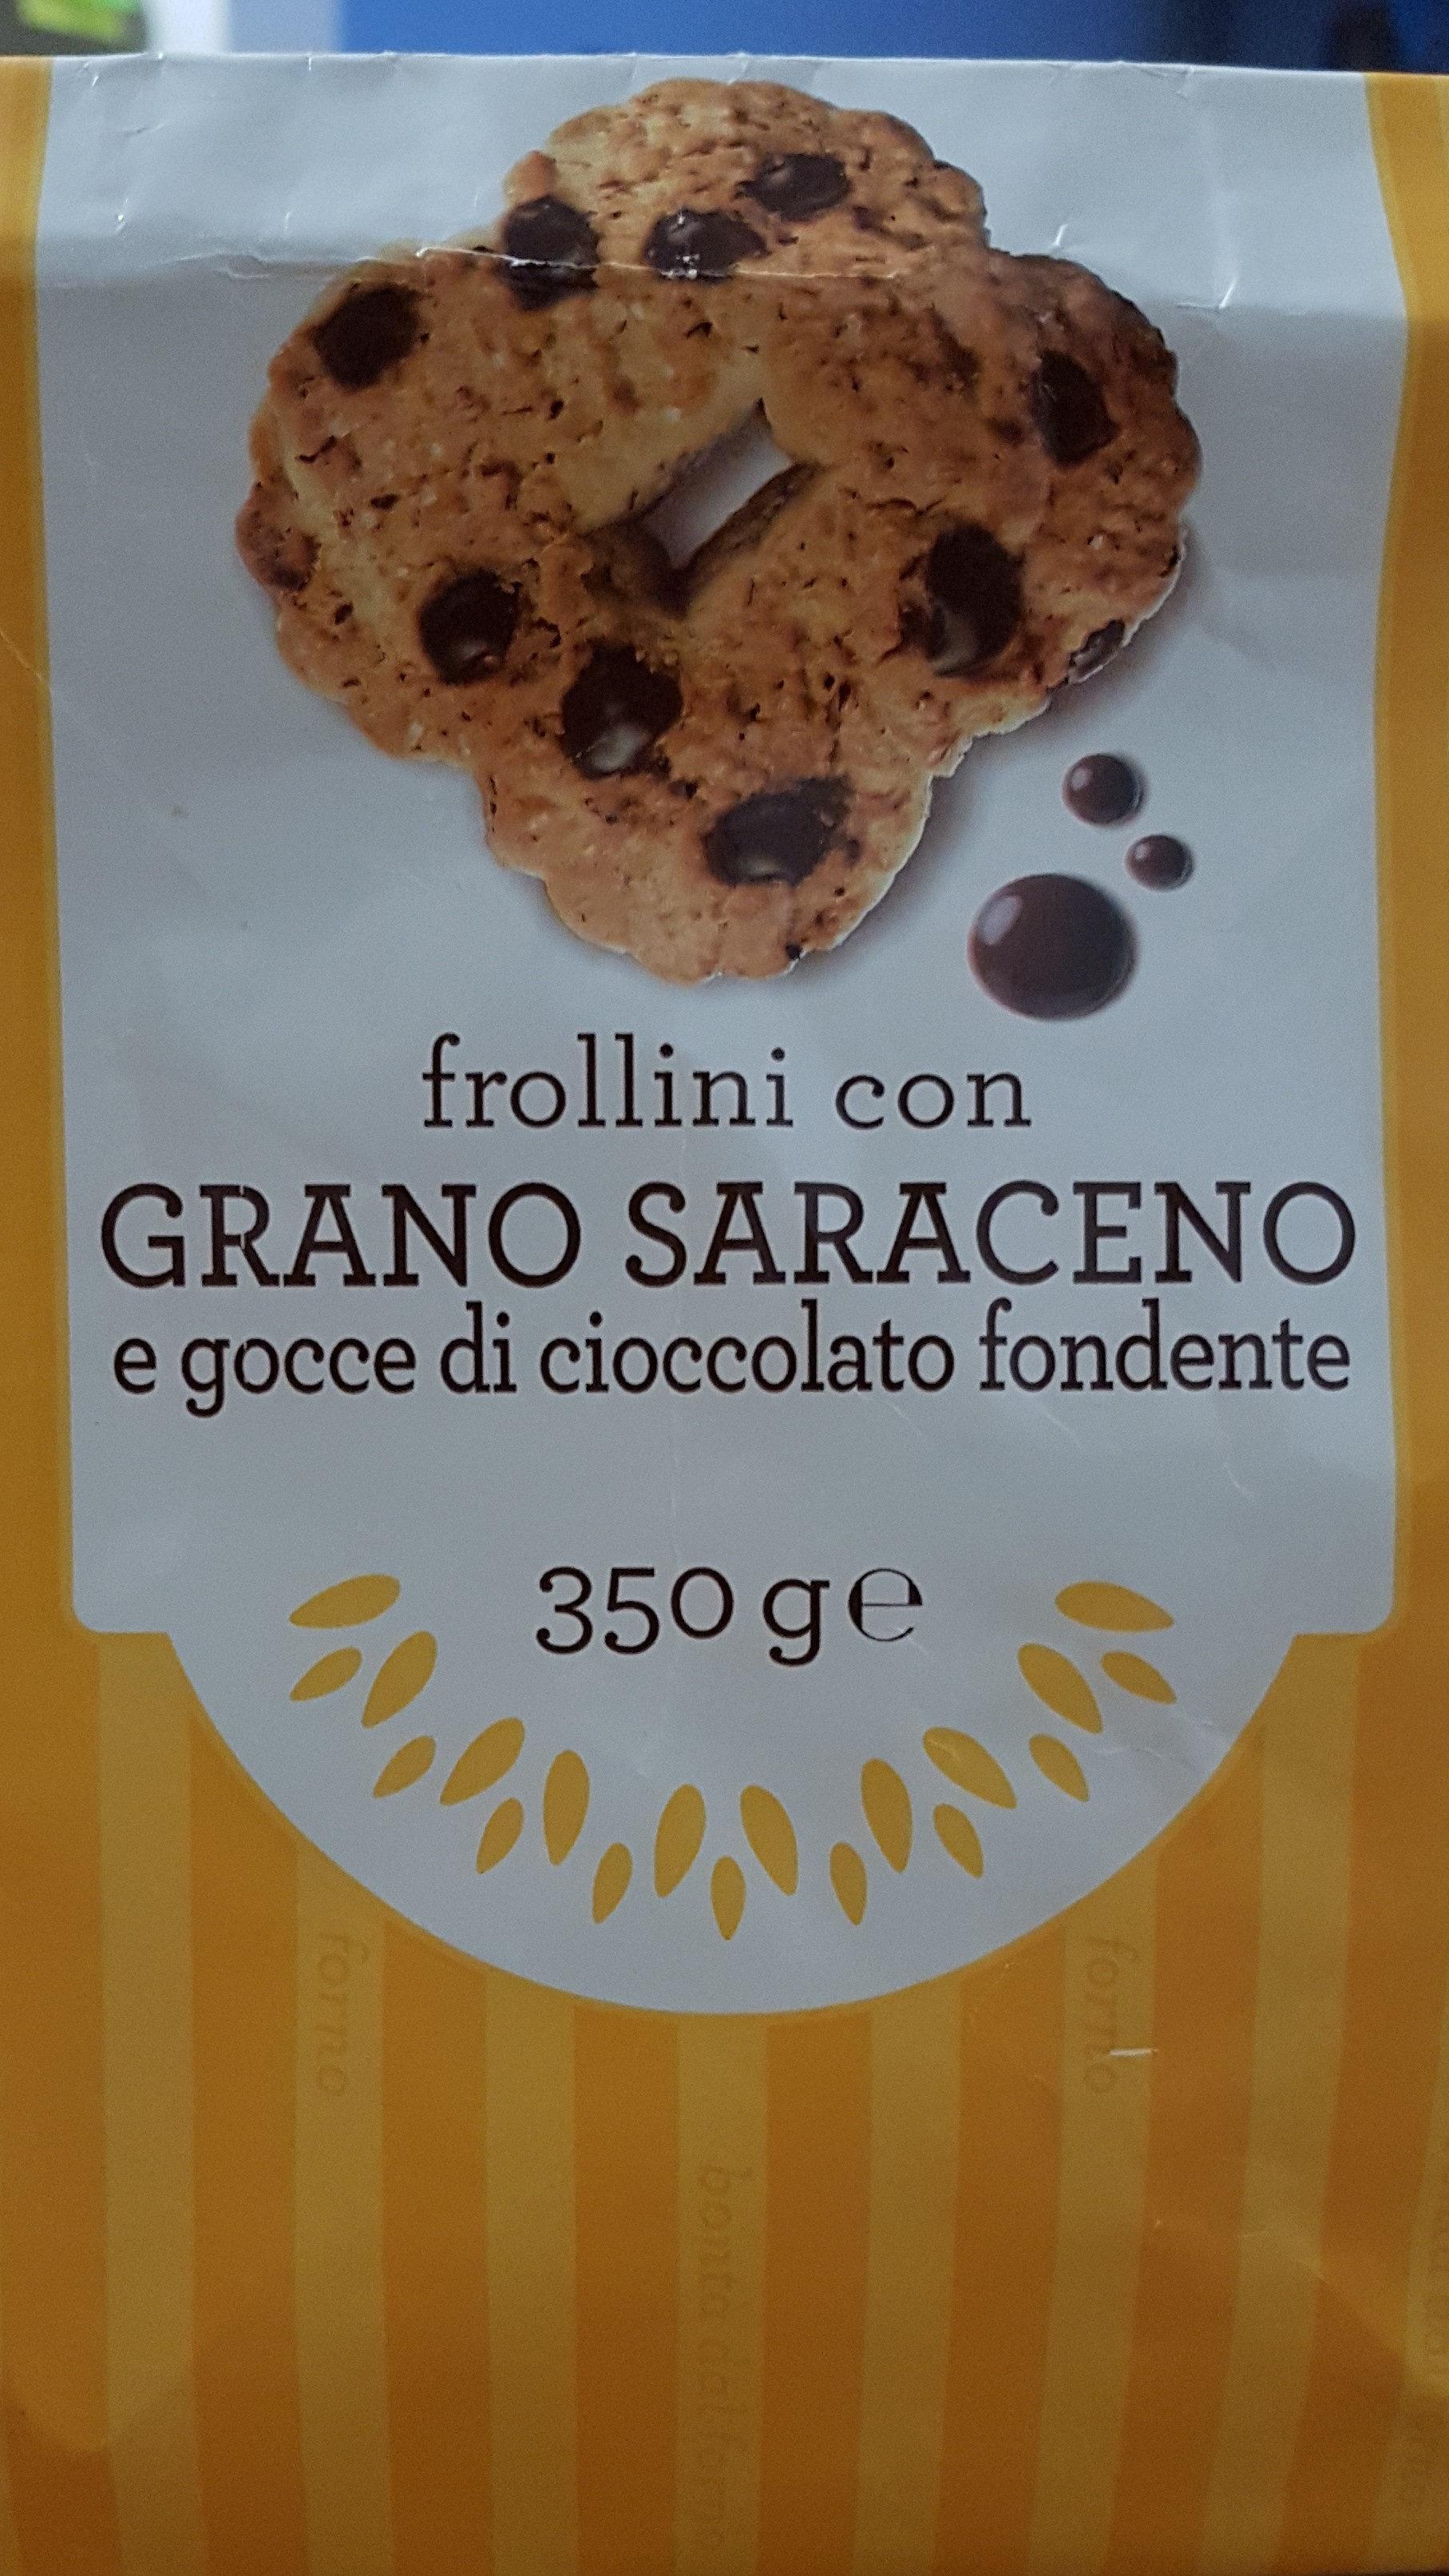 frollini con grano saraceno - Prodotto